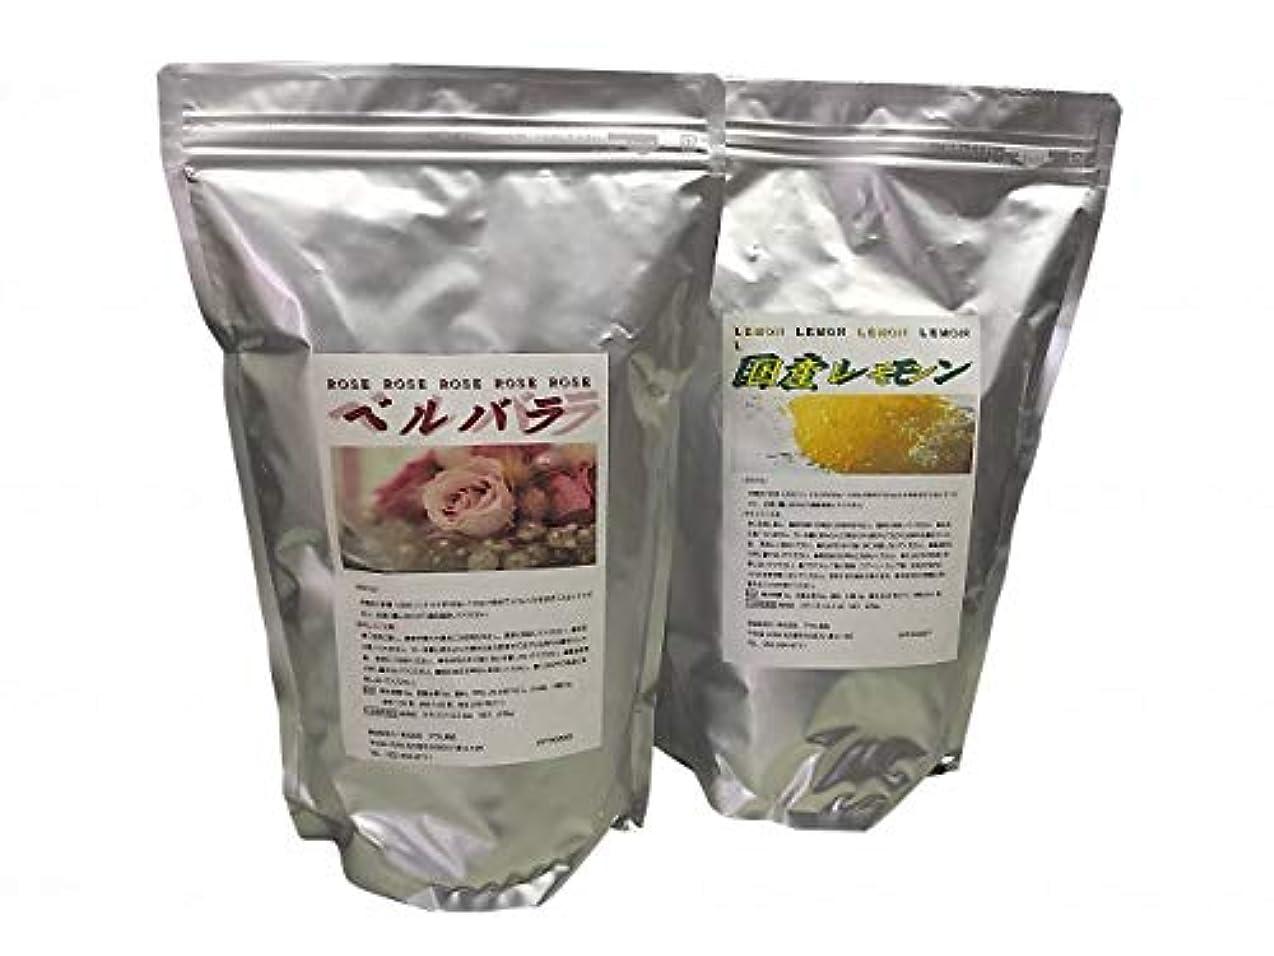 アサヒ商会 アサヒ入浴化粧品 西洋薬草 1袋